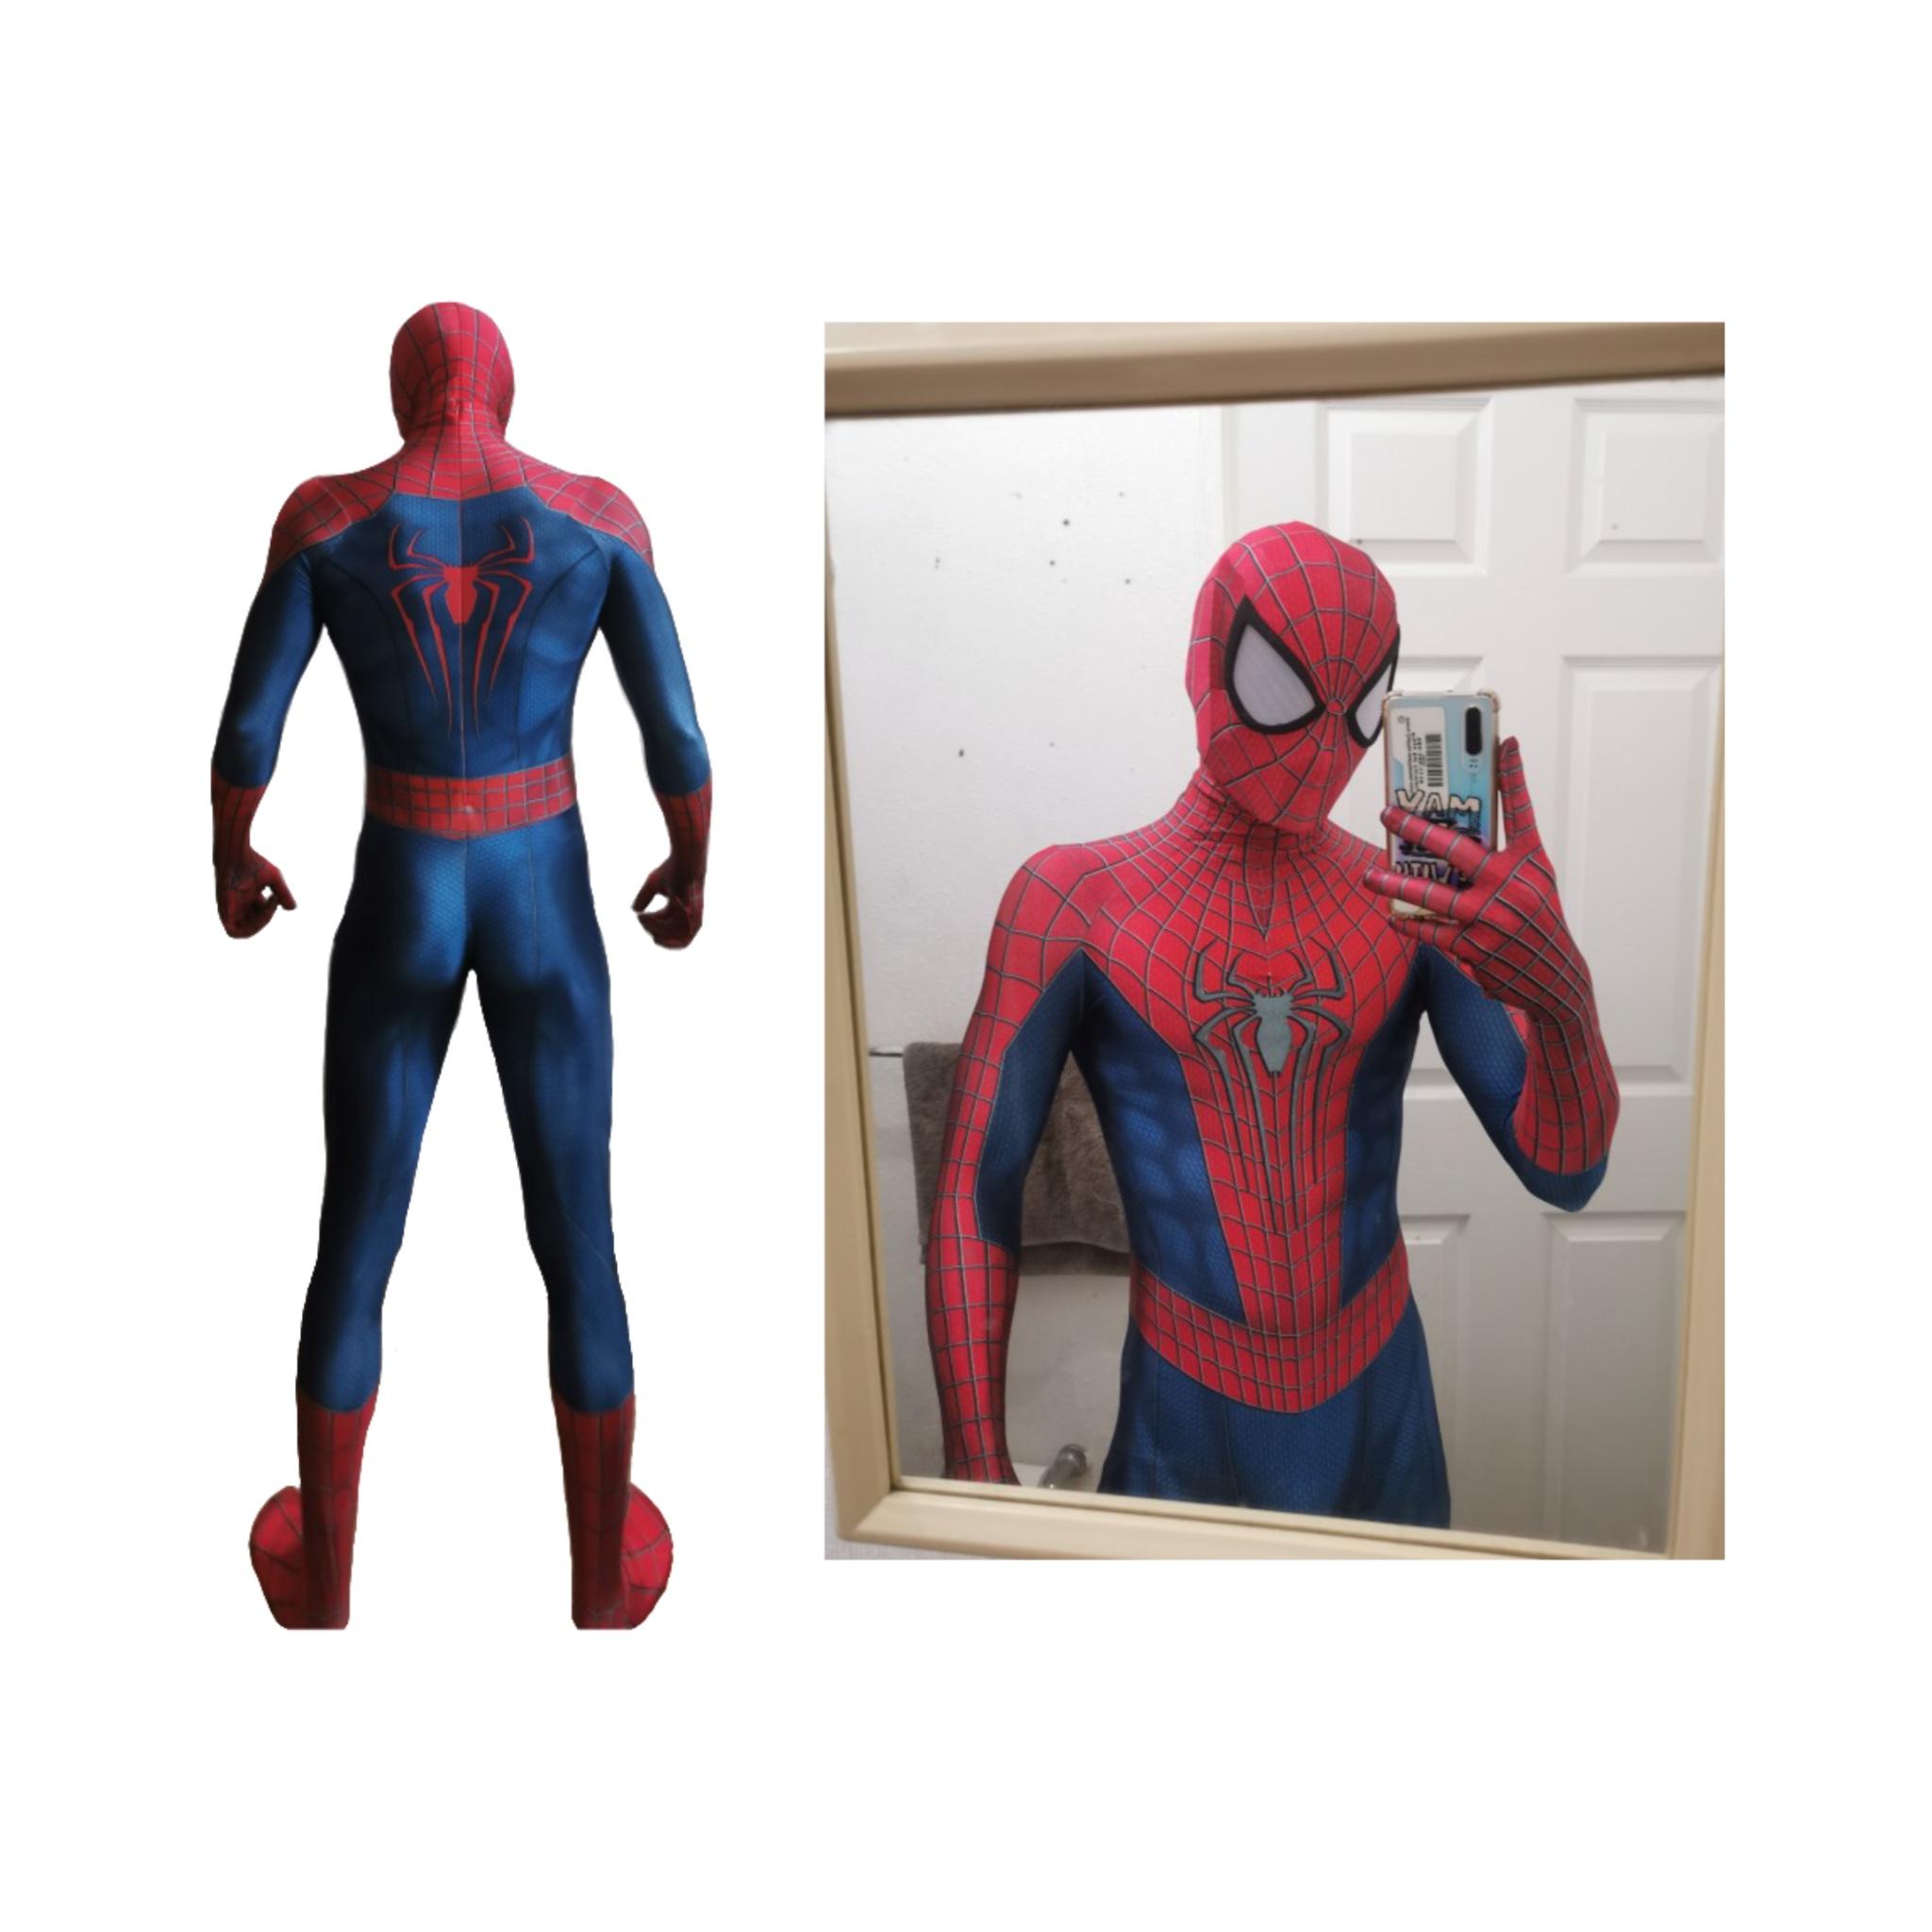 捆个蜘蛛侠回家调教吧